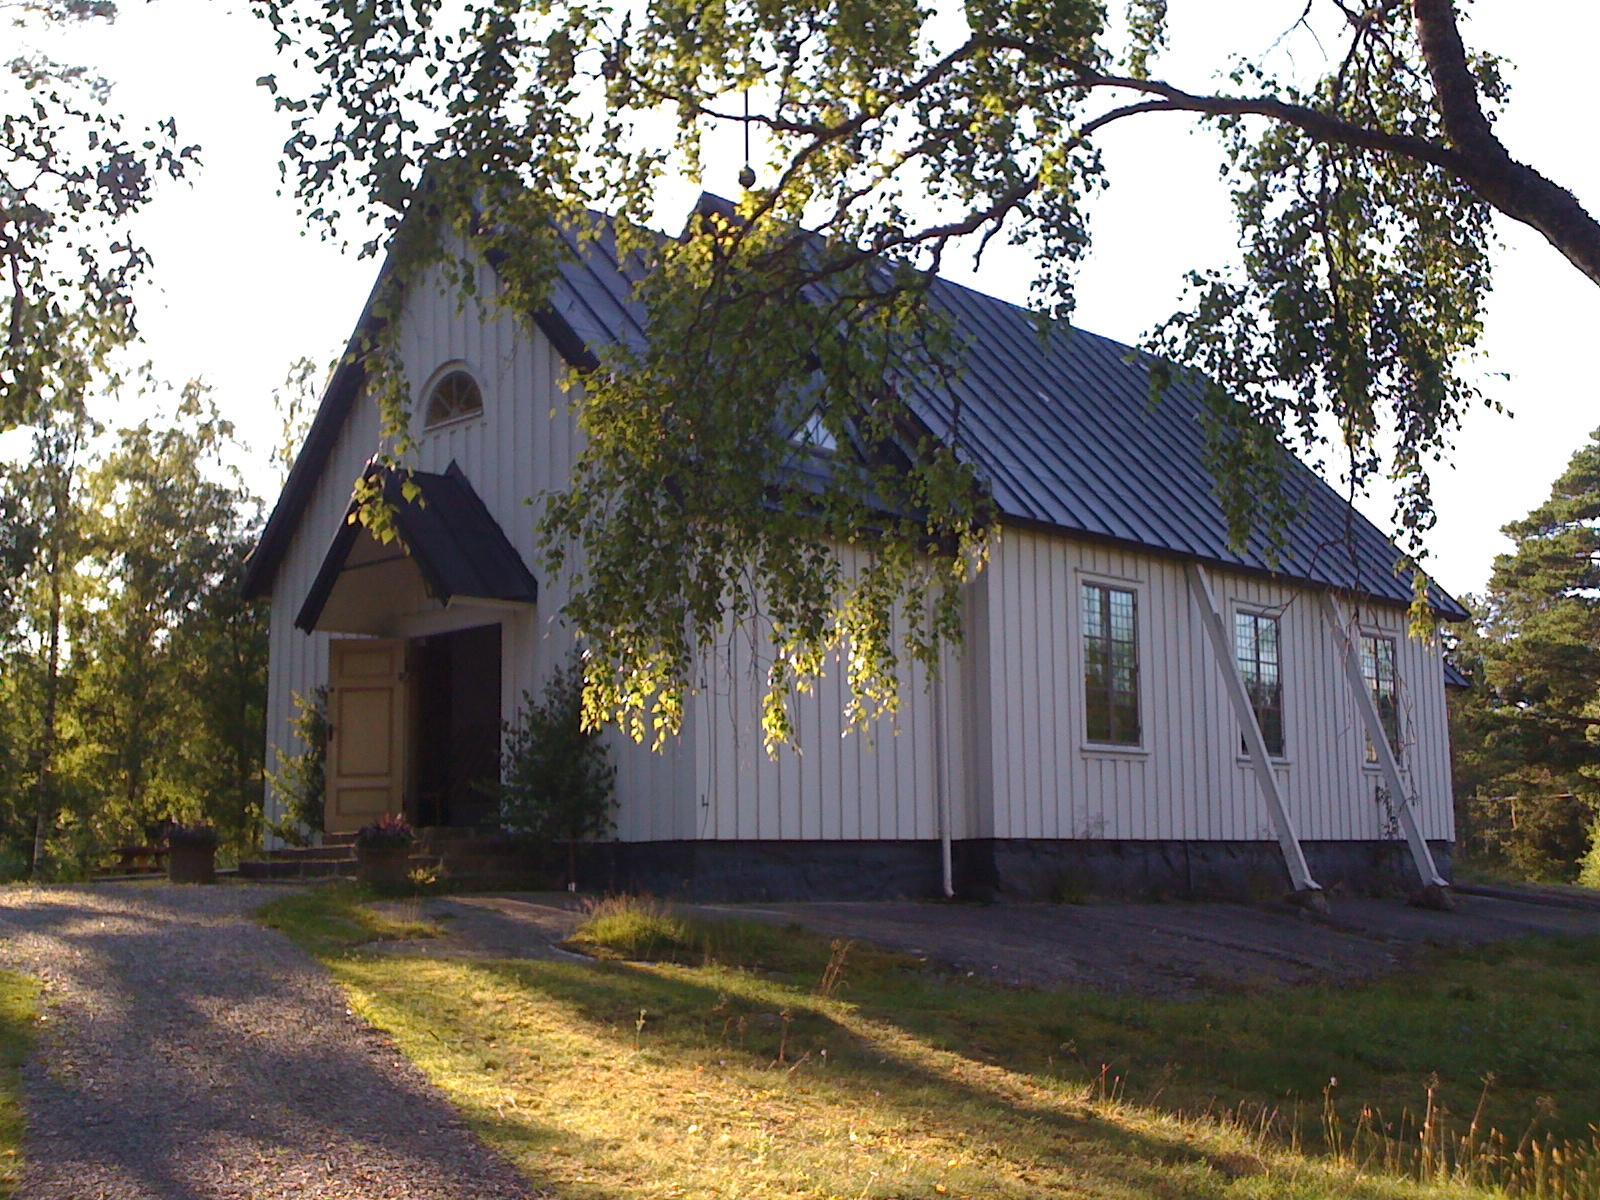 Sommarkonsert - Björkö-Arholma Kyrka